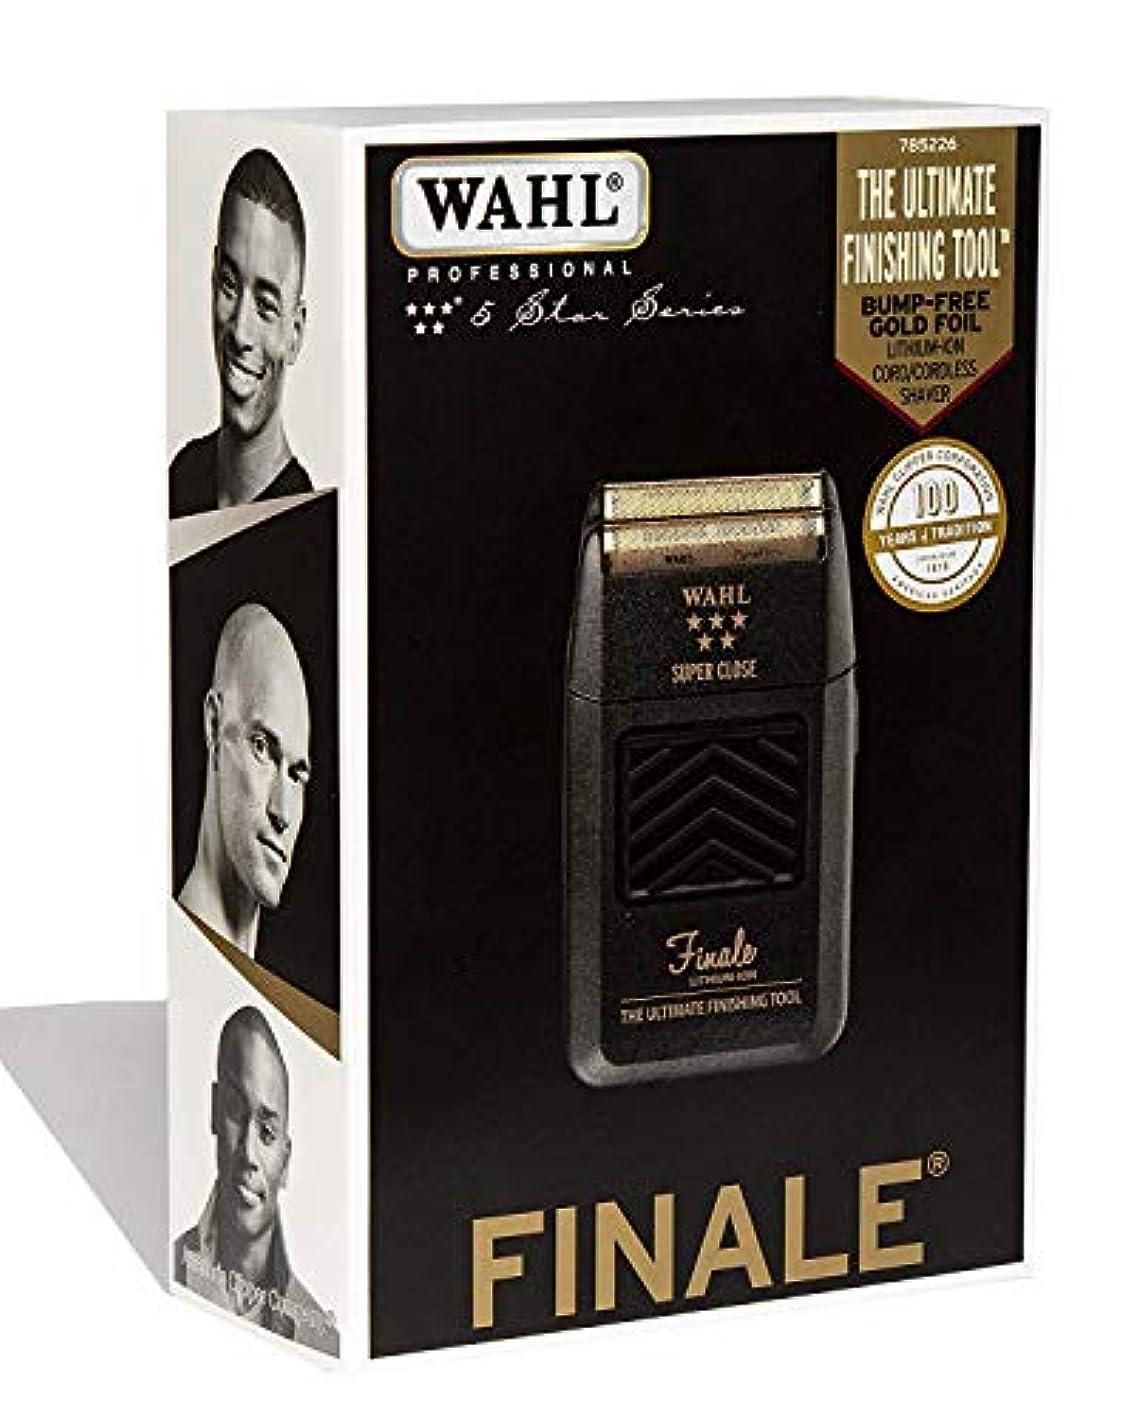 トリクル正確さ球状Wahl Professional 5 Star Series Finale Finishing Tool #8164 - Great for Professional Stylists and Barbers - Super Close - Black (並行輸入品)